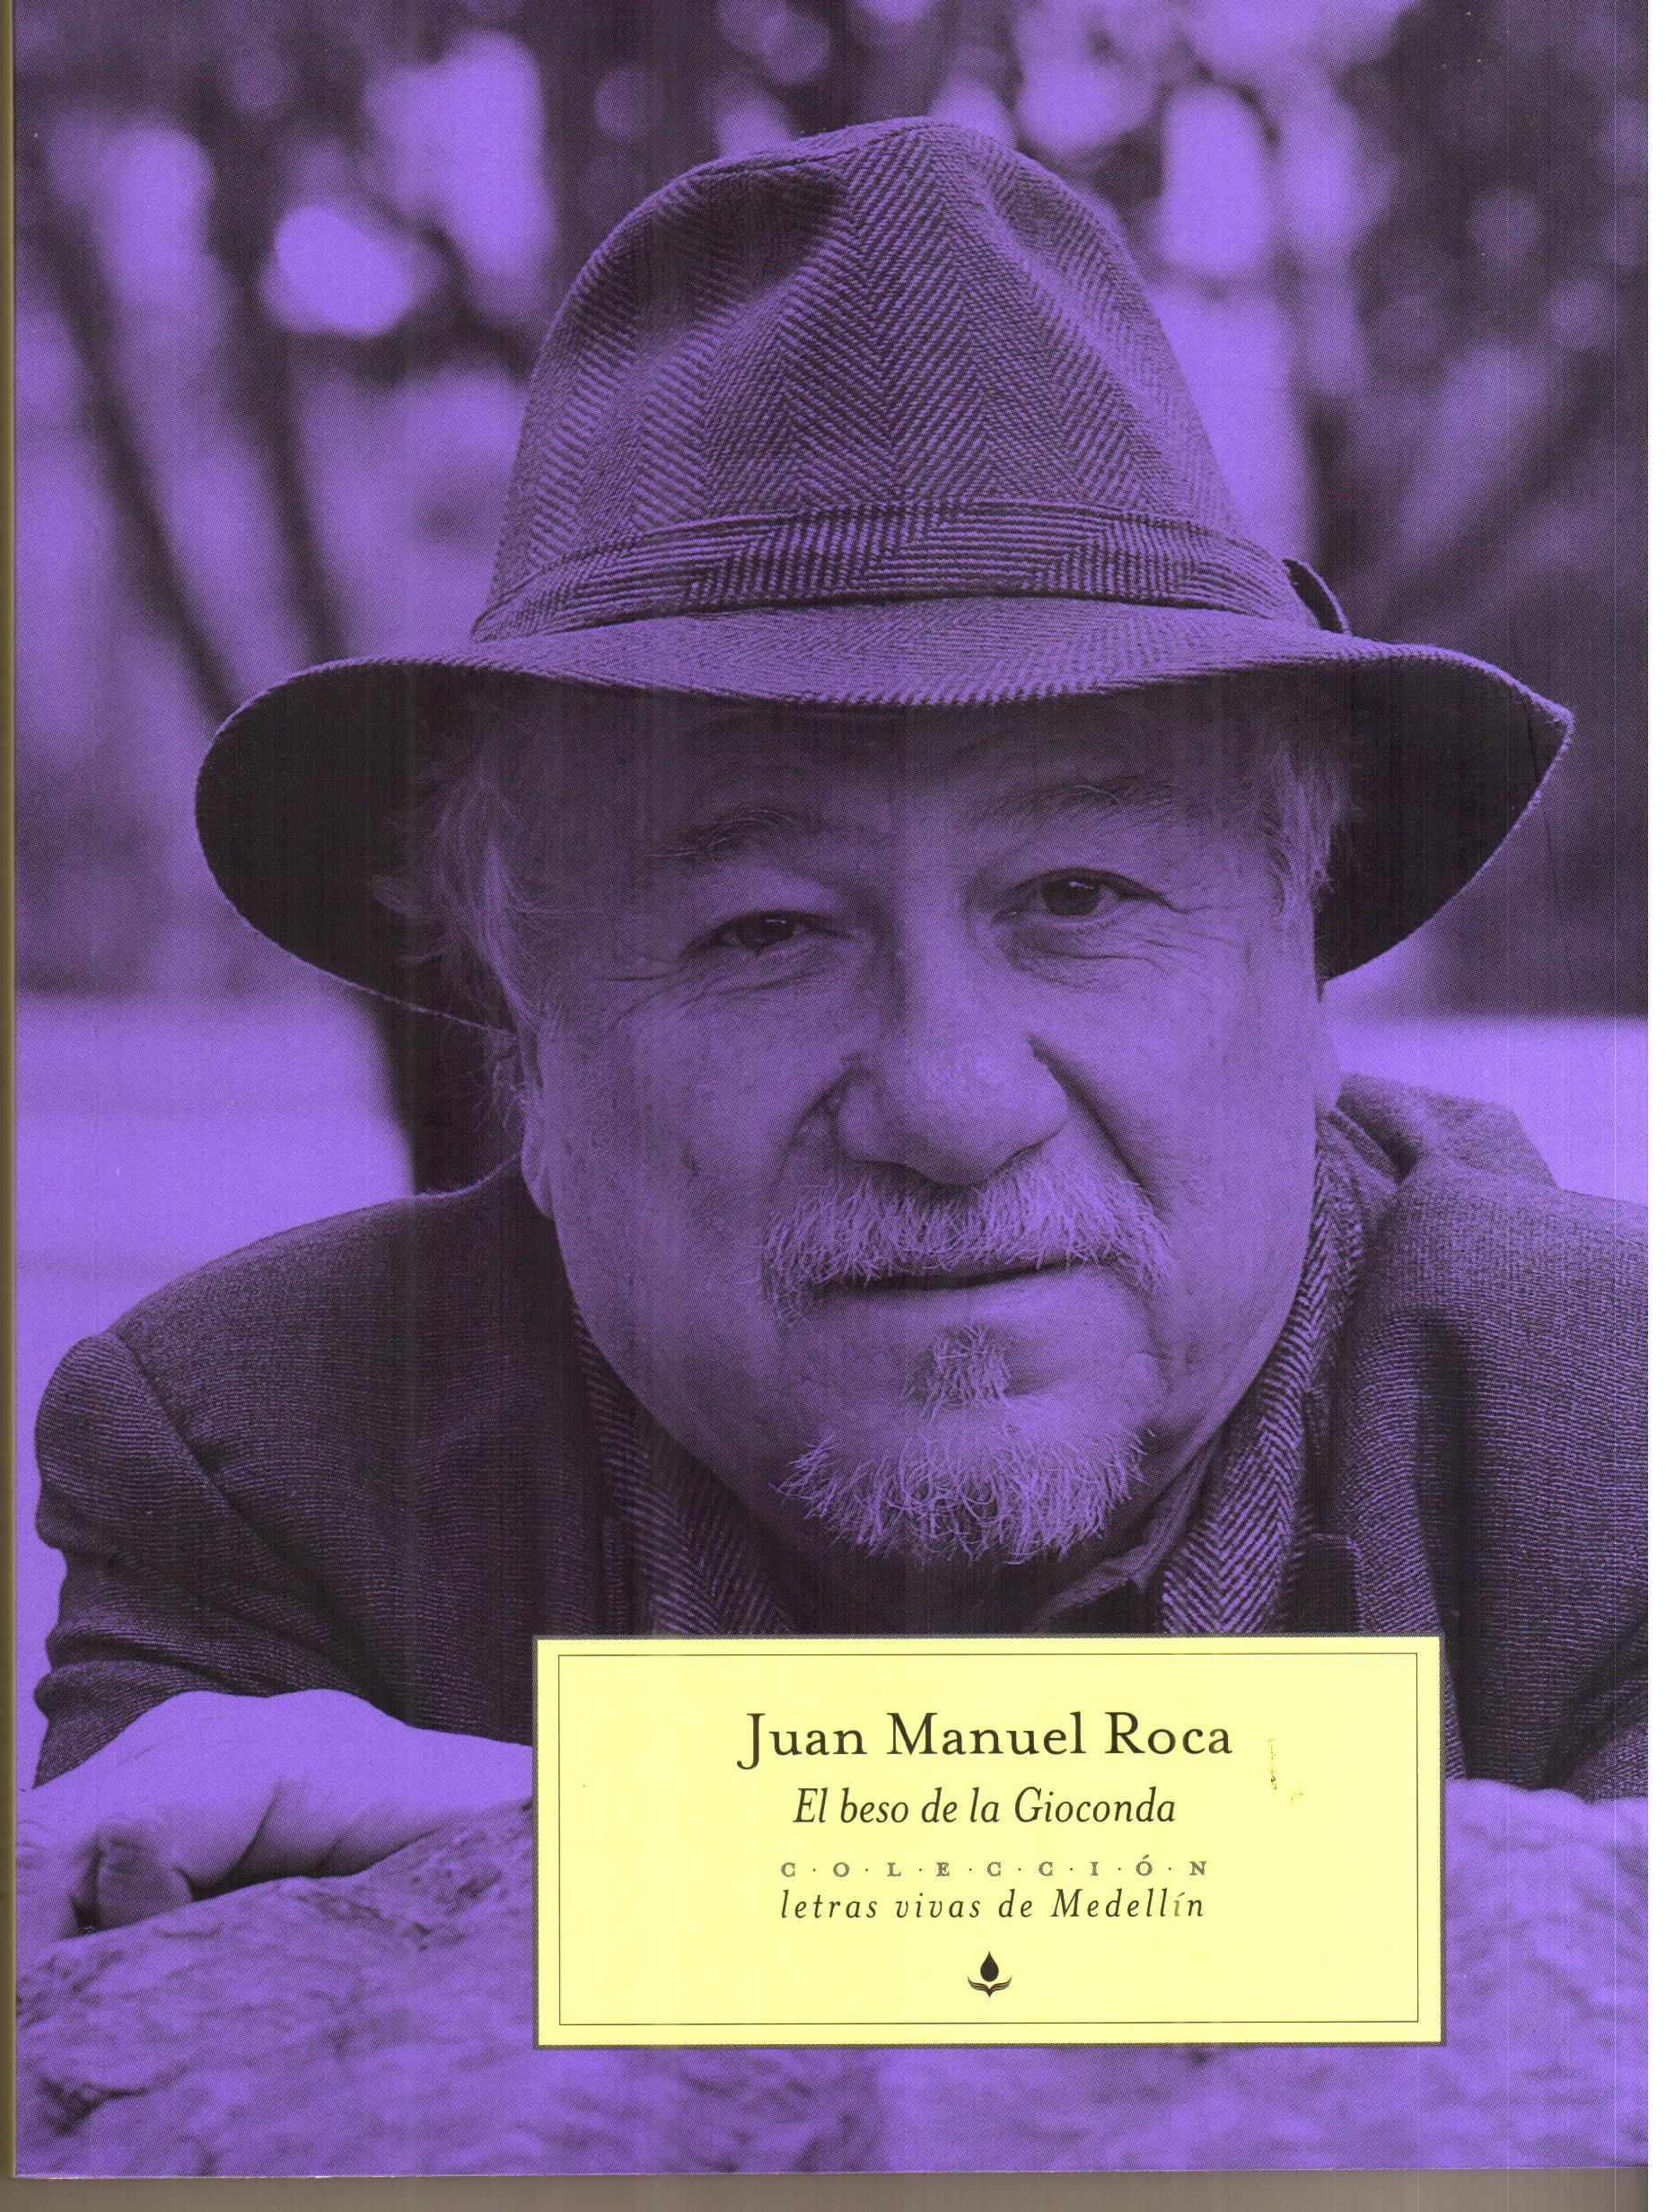 Portada de El beso de la Gioconda, libro de Juan Manuel Roca publicado recientemente por Sílaba Editores de donde hacen parte los dos presentes ensayos sobre Rulfo..